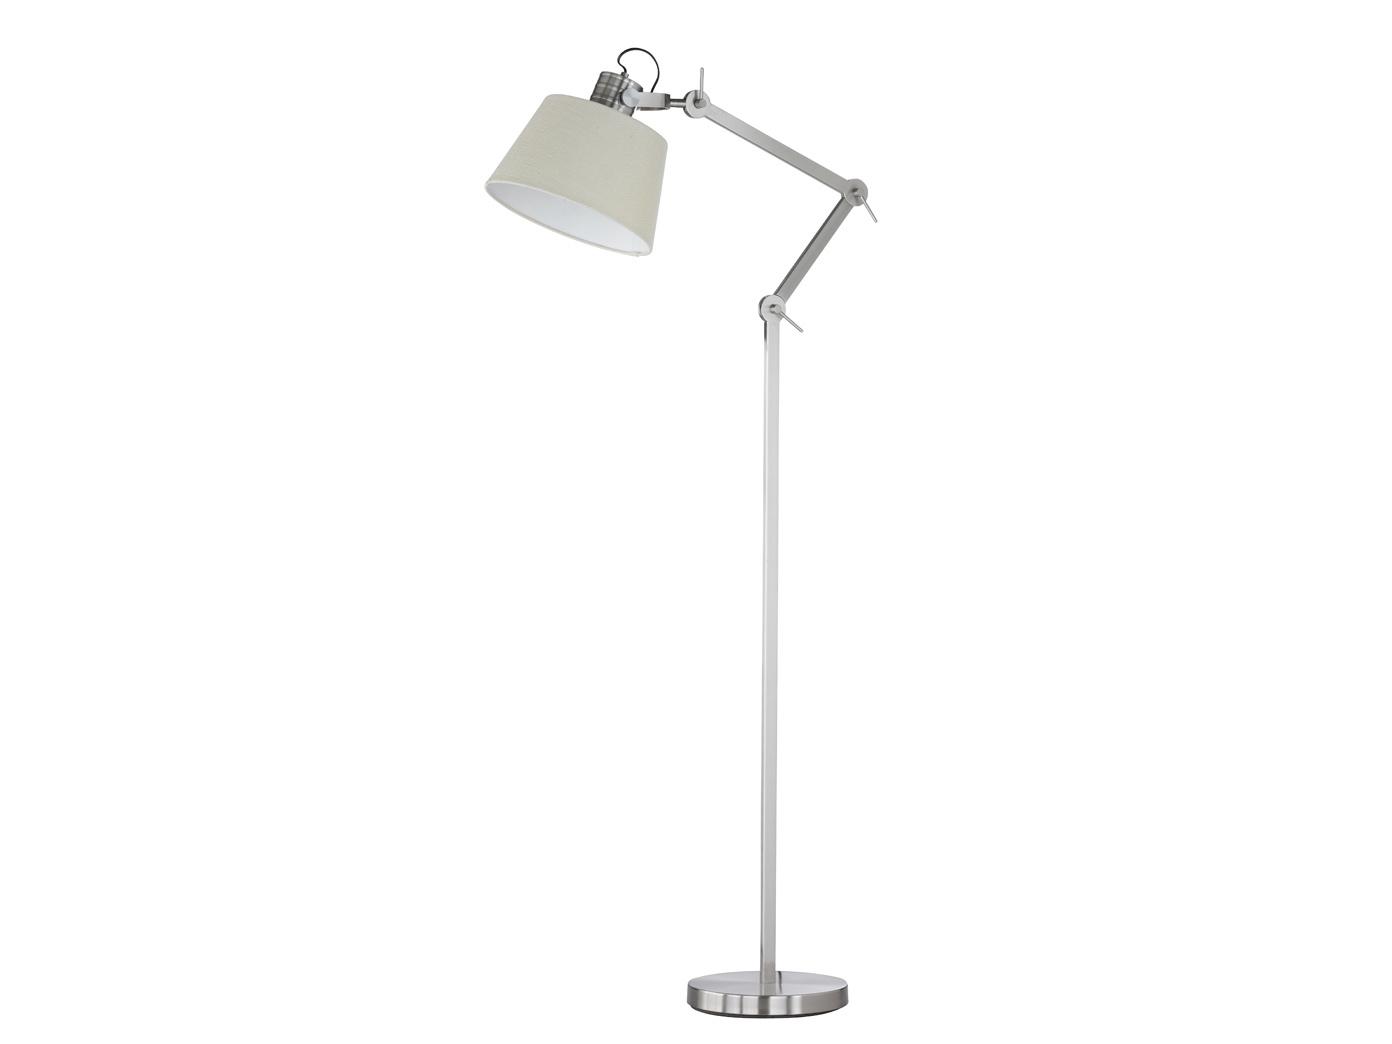 Stehlampe Mit Schirm Schwenkbar Nickel Matt H 148cm Burolampen